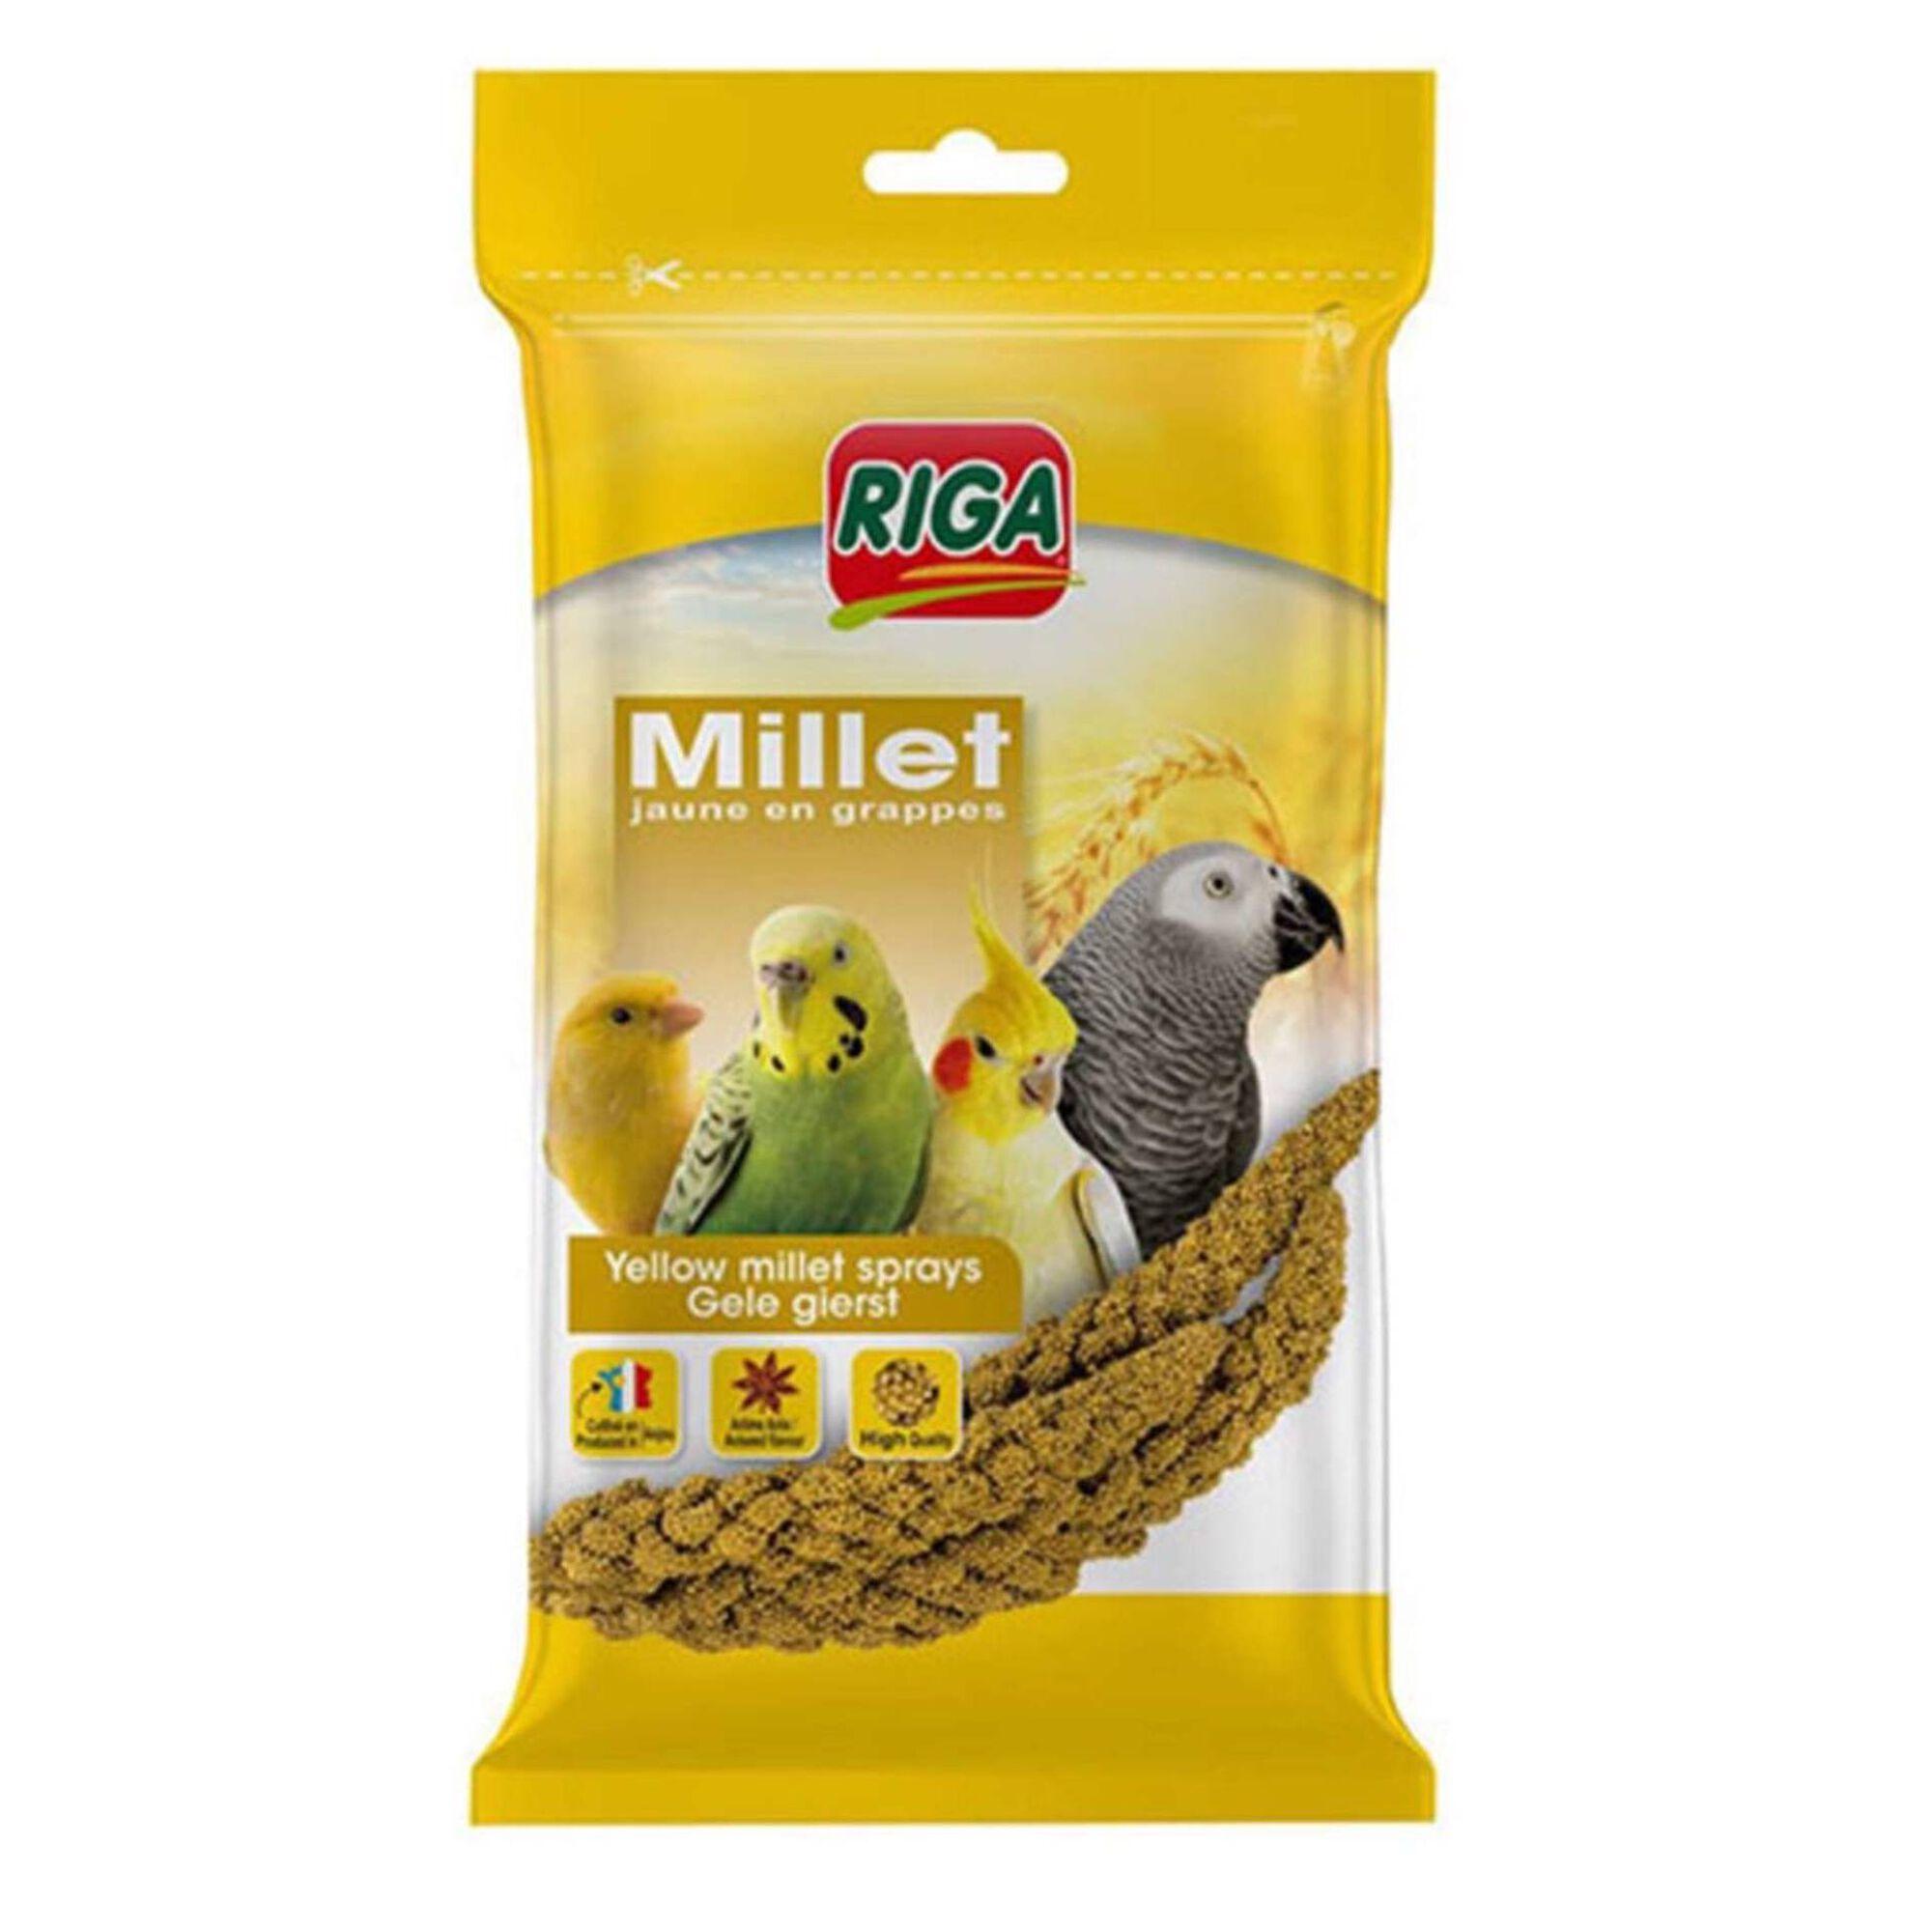 Comida para Ave Millet